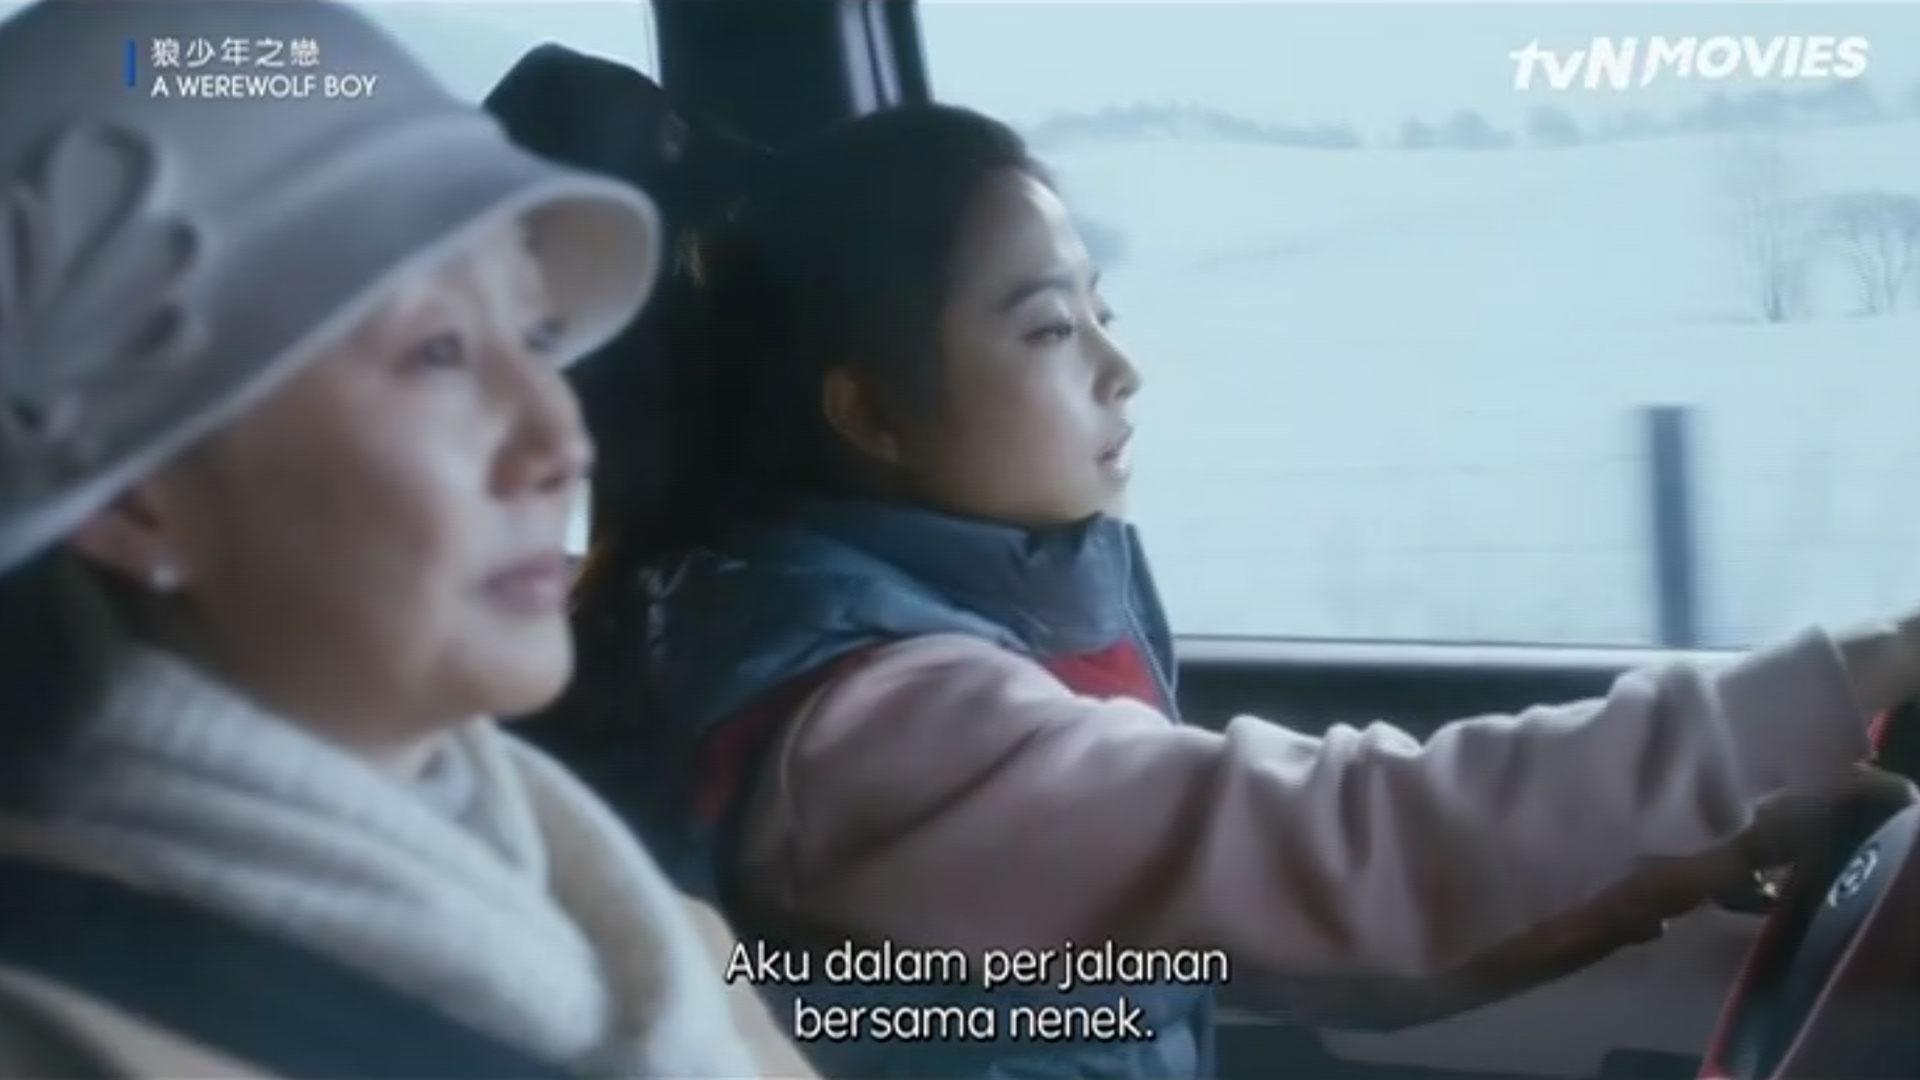 Frekuensi siaran tvN Movie di satelit Palapa D Terbaru